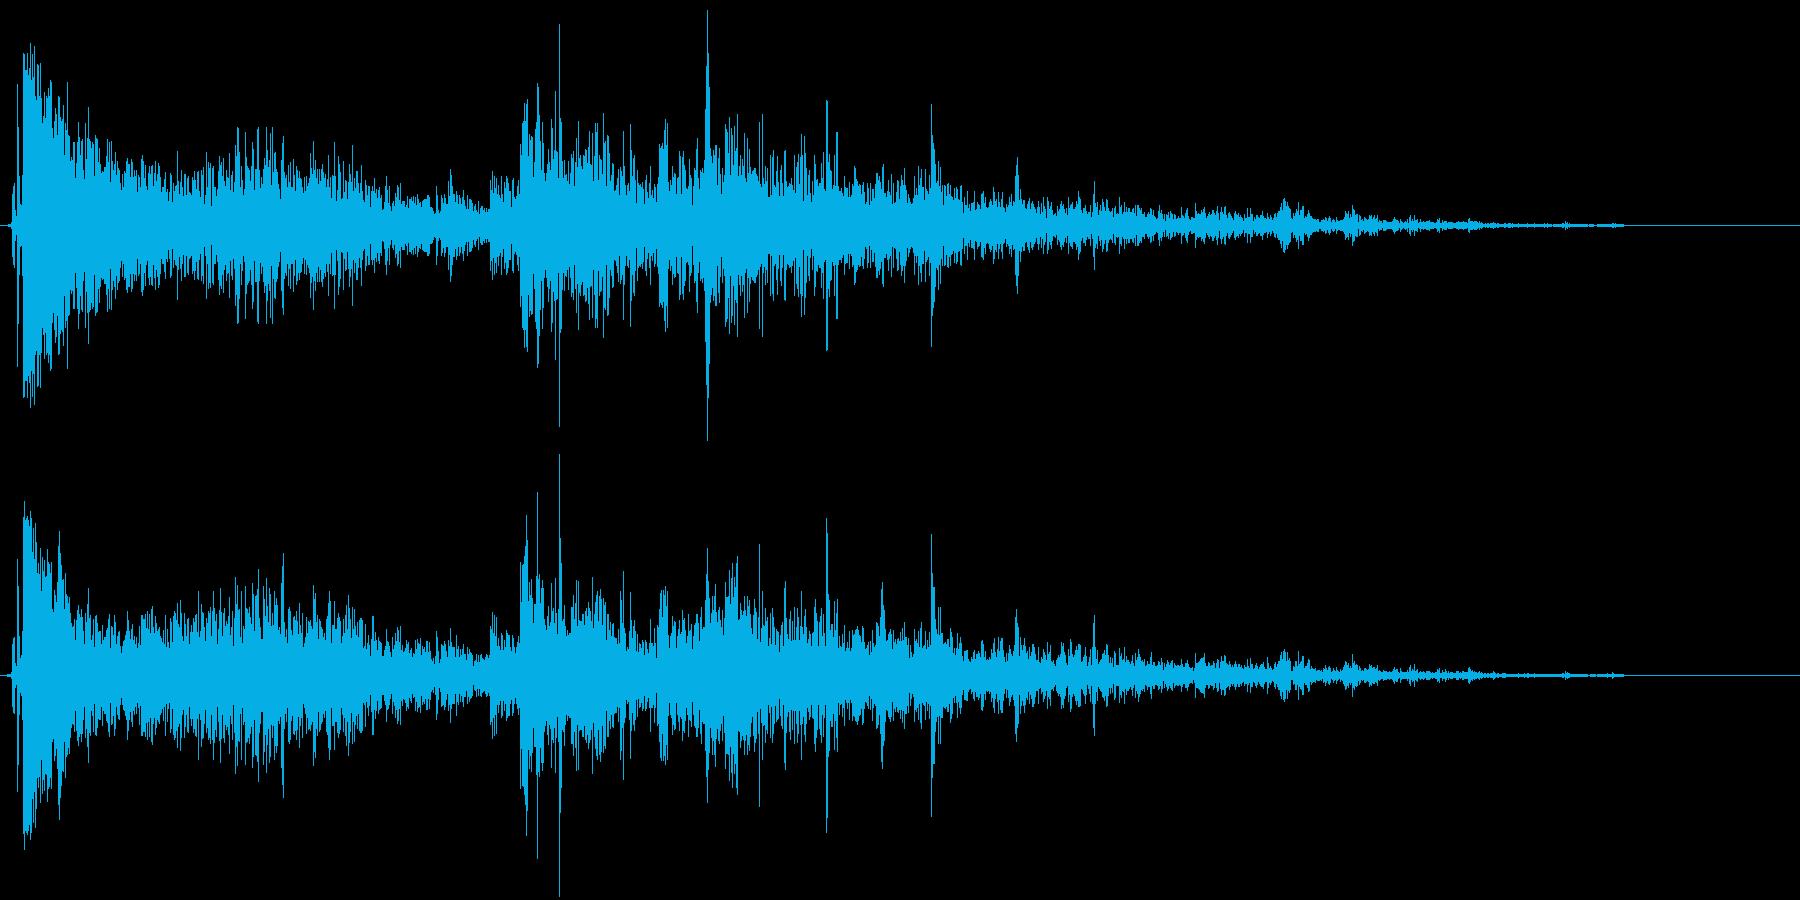 【爆発系効果音】爆発~崩れる音の再生済みの波形